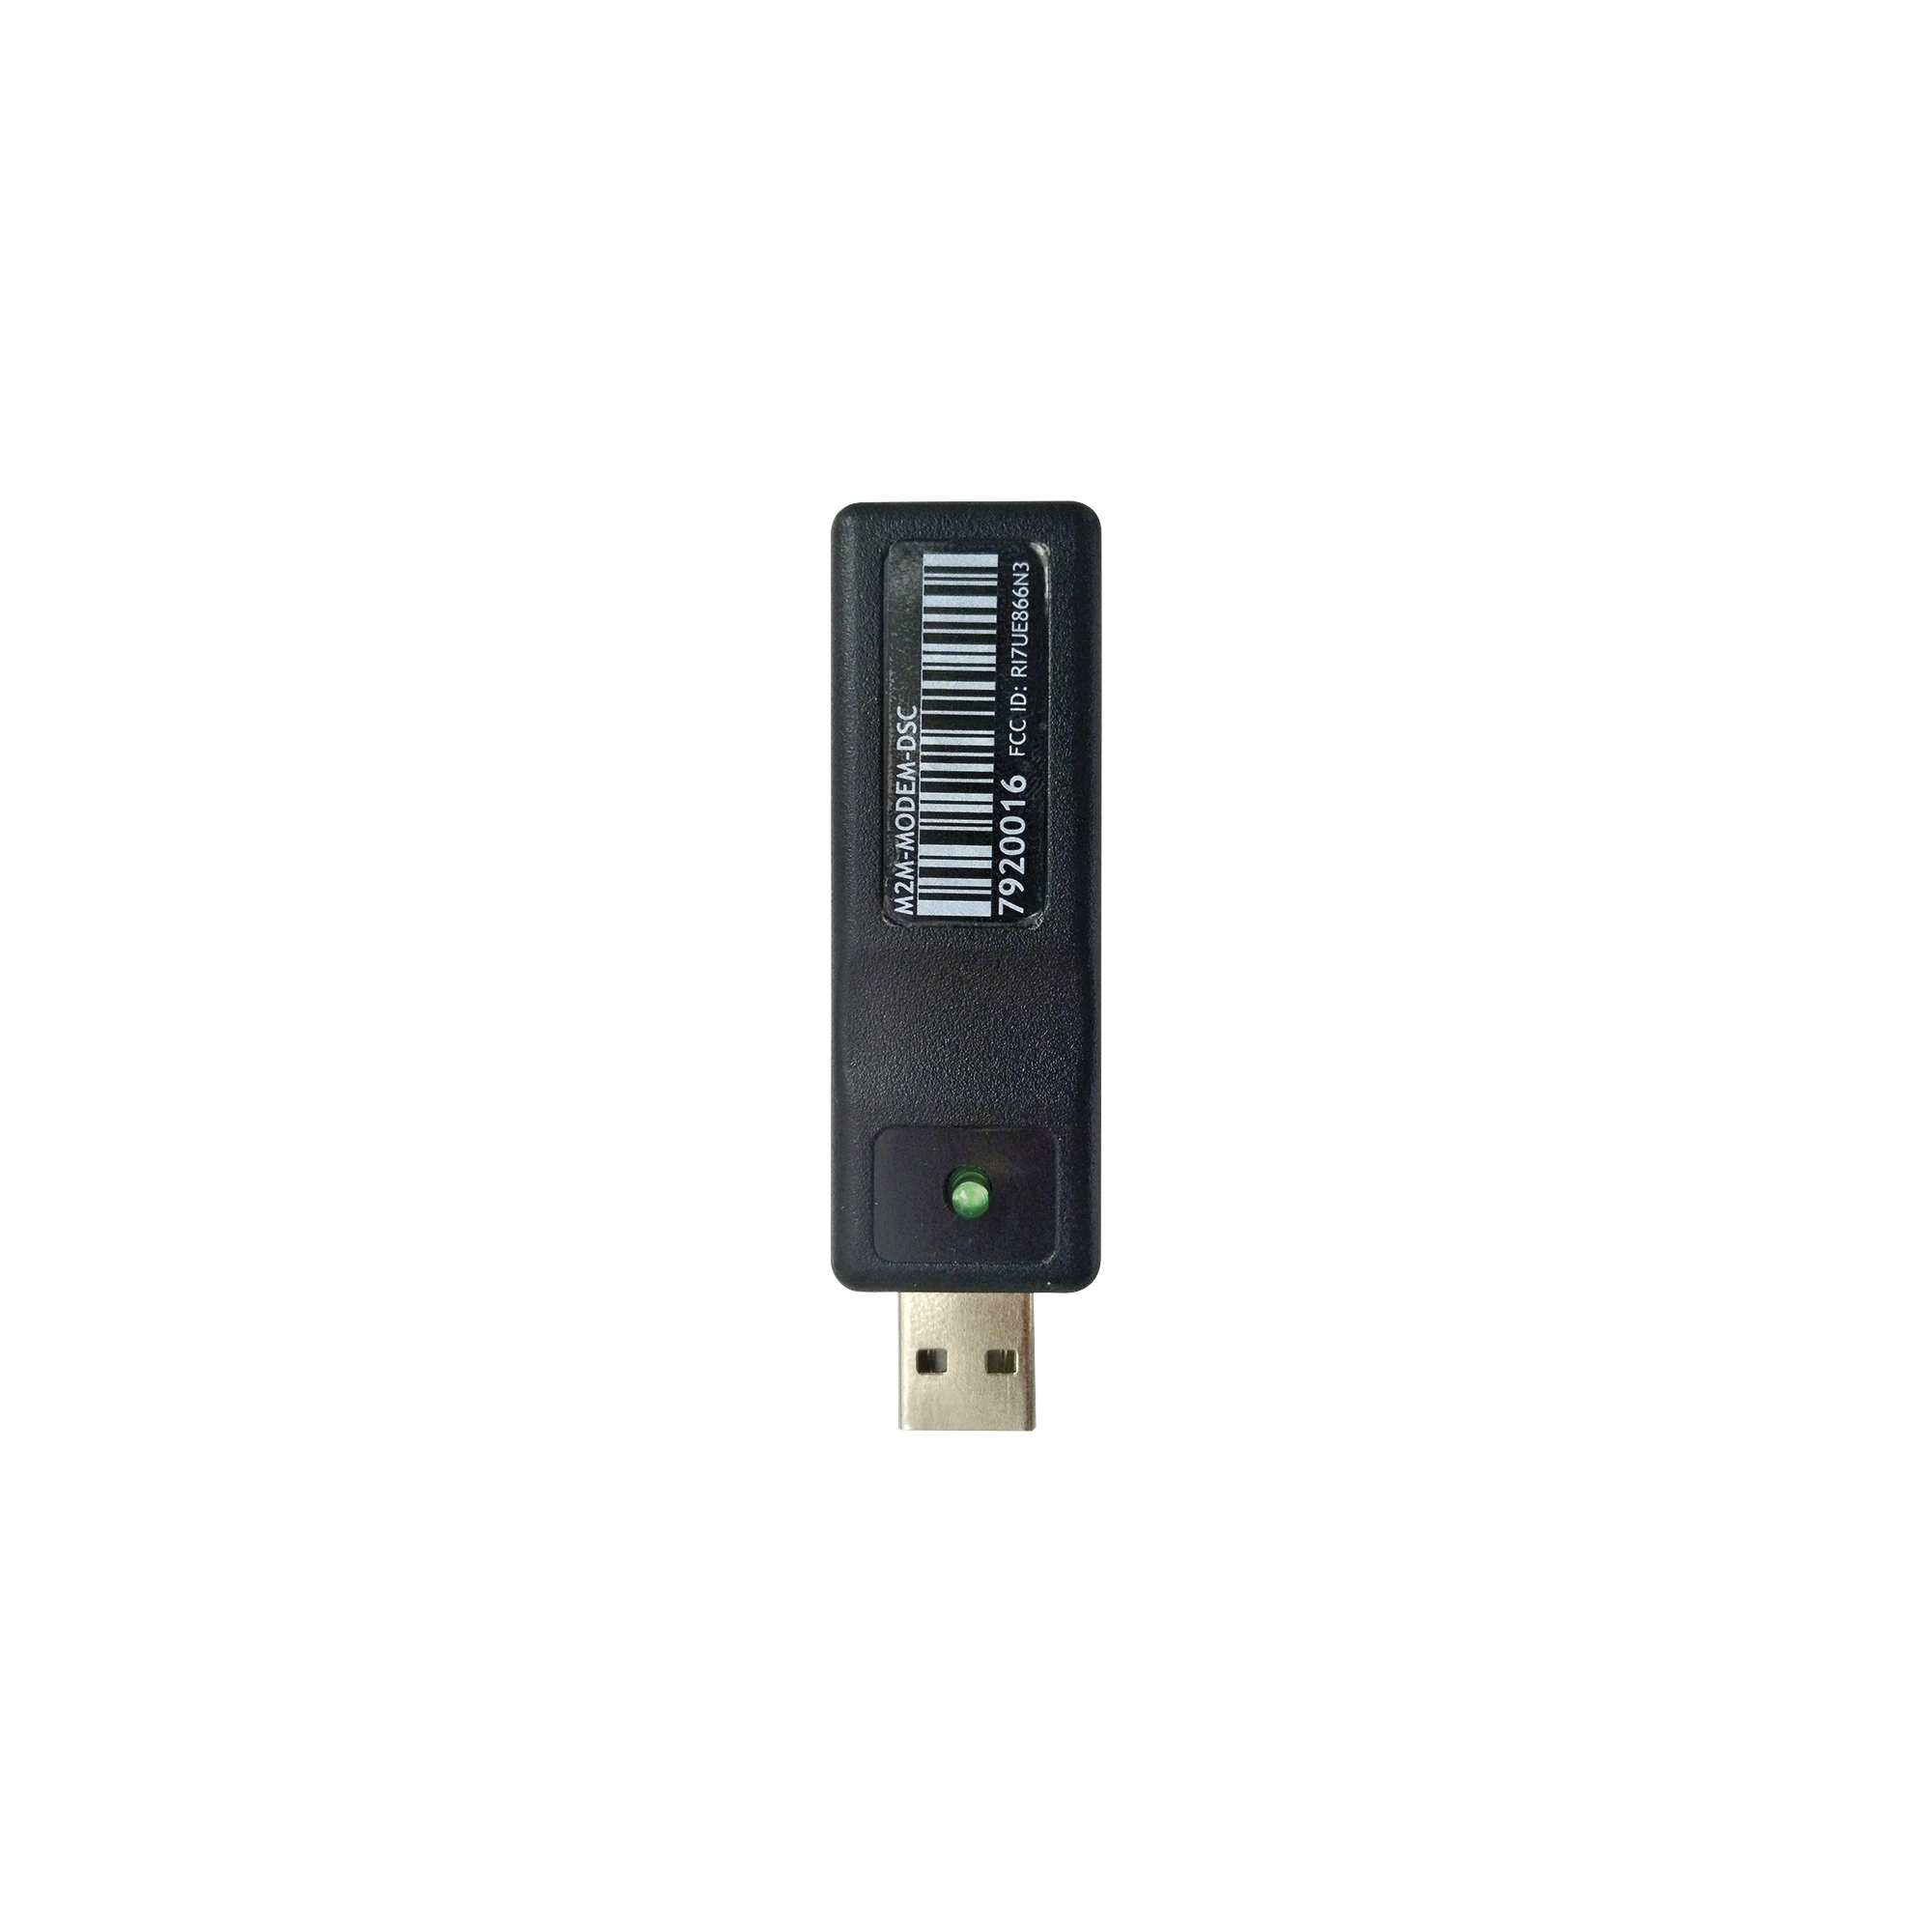 Modem tipo USB para Conexión de carga y descarga remota con comunicador MINI014GV2 con paneles DSC